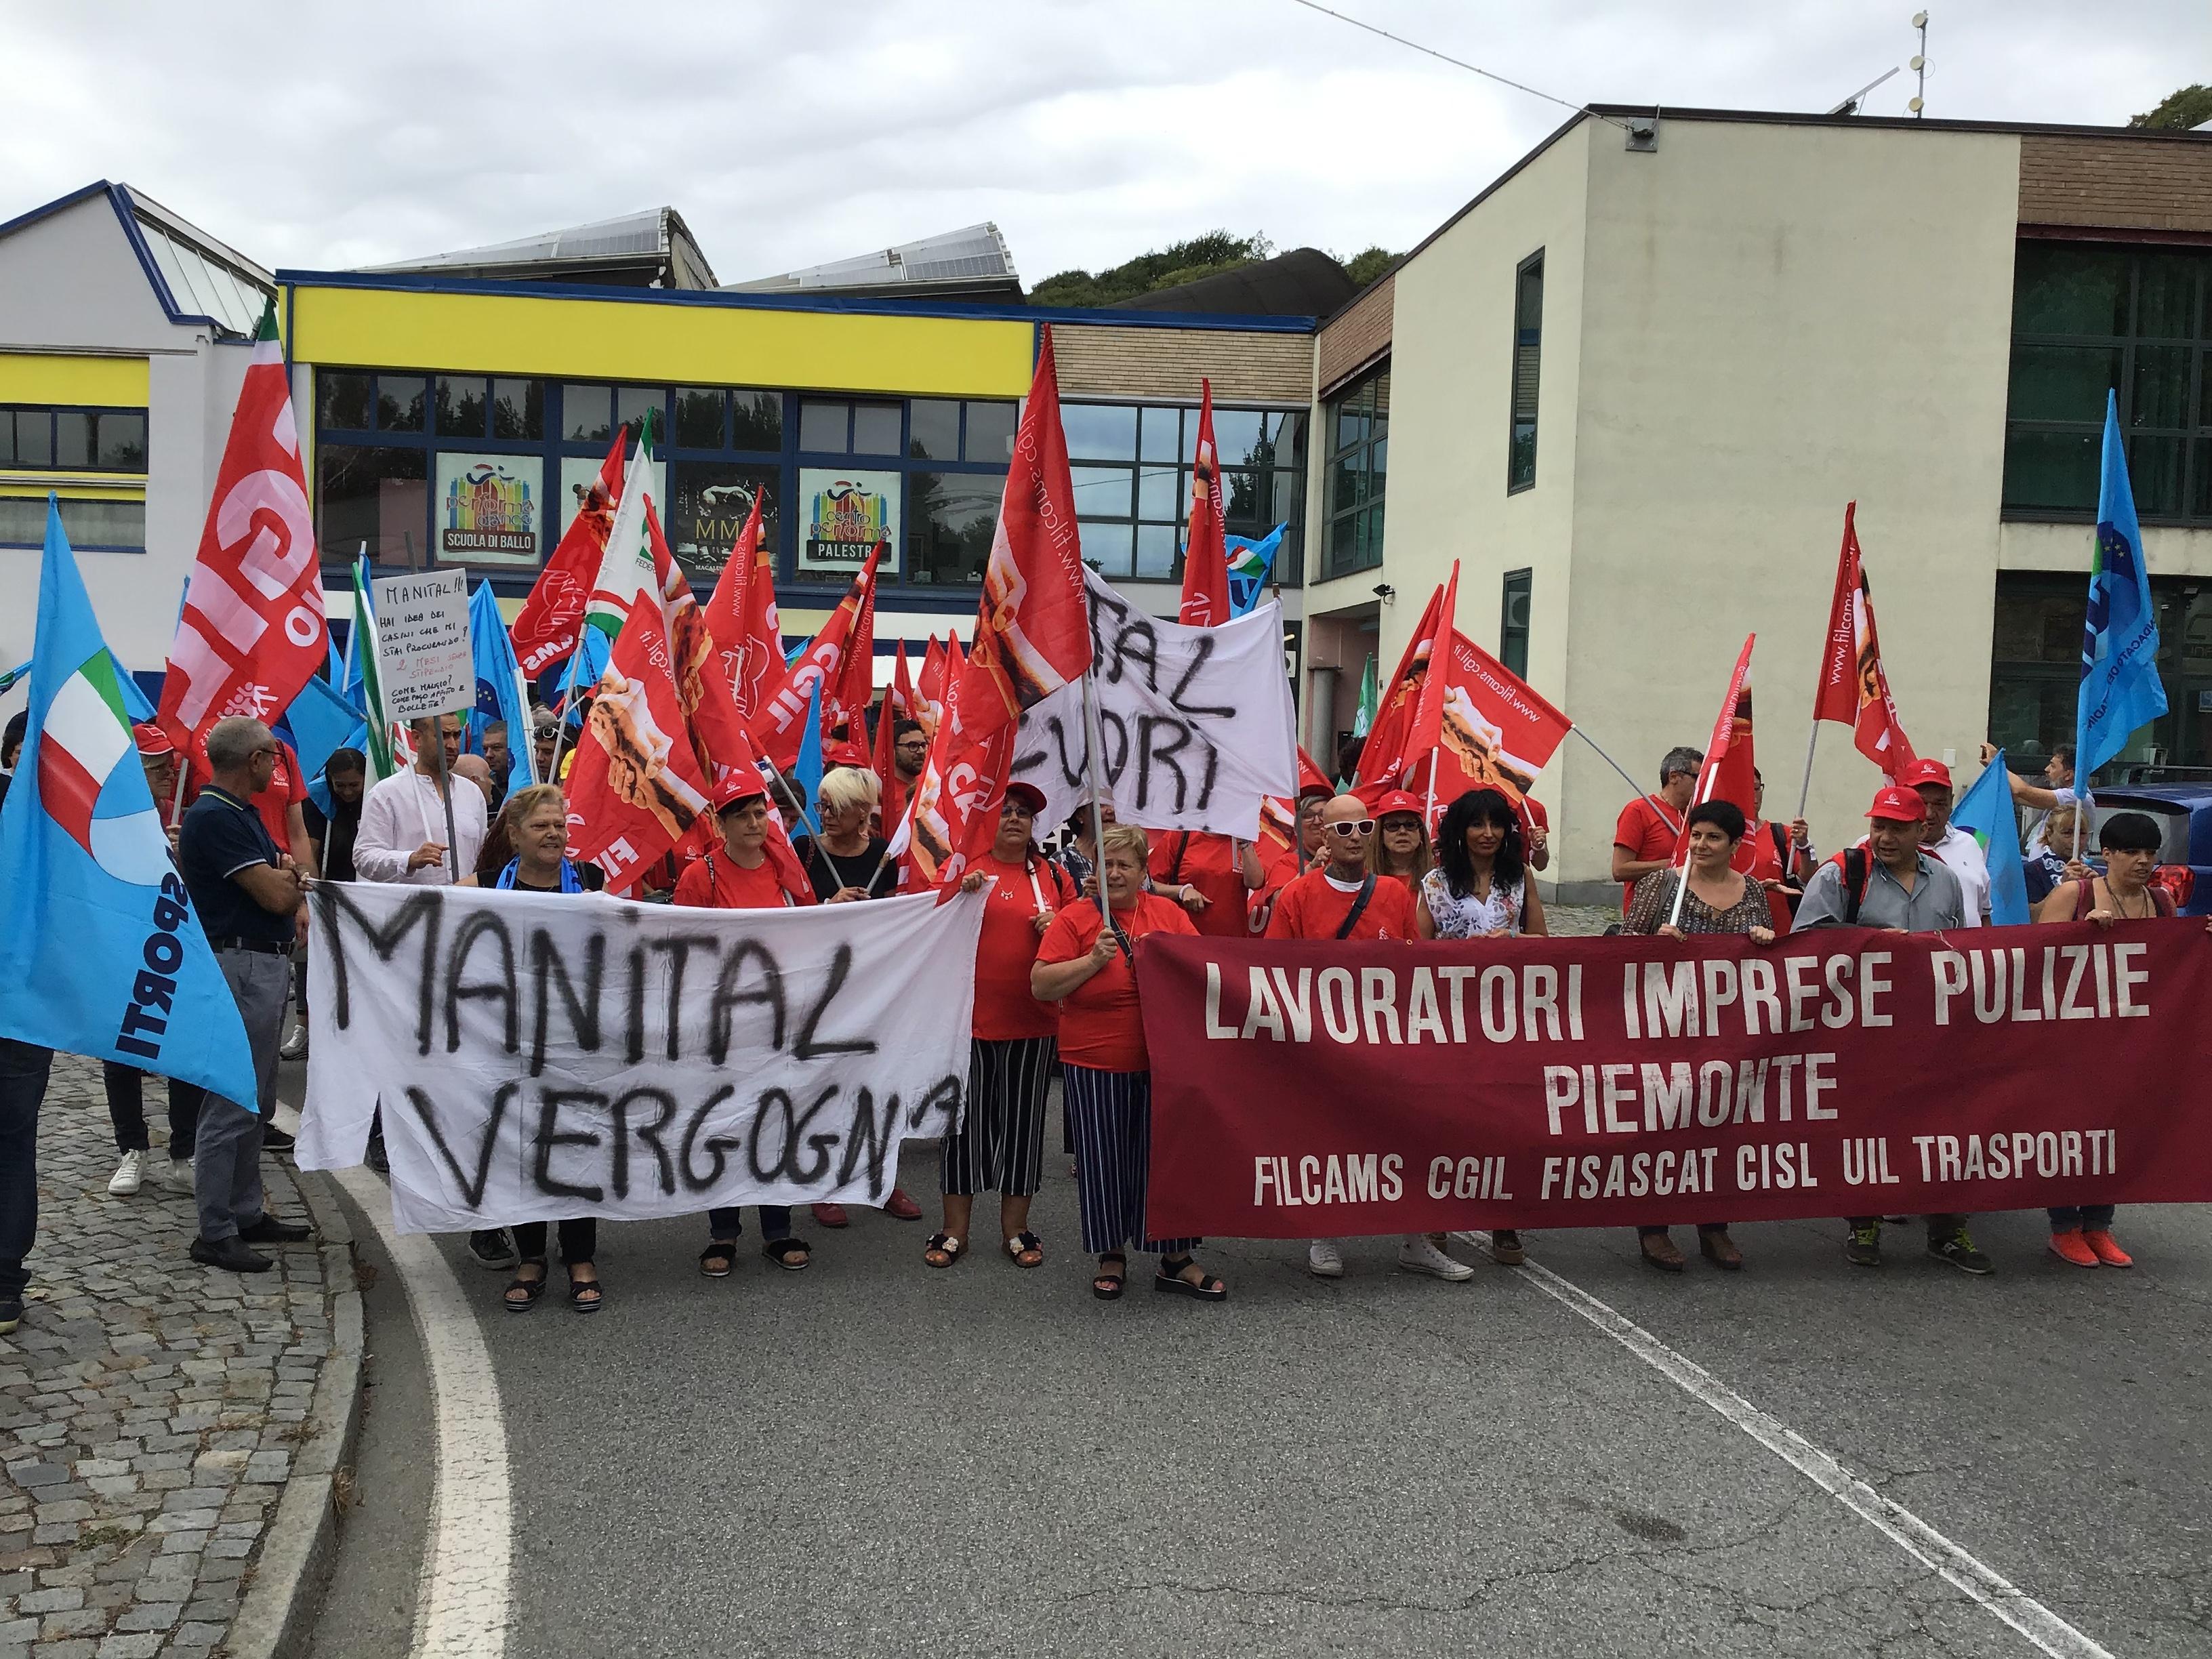 IVREA - Crisi Manital: dipendenti senza stipendio da due mesi. La Regione scrive una lettera al Ministro Di Maio